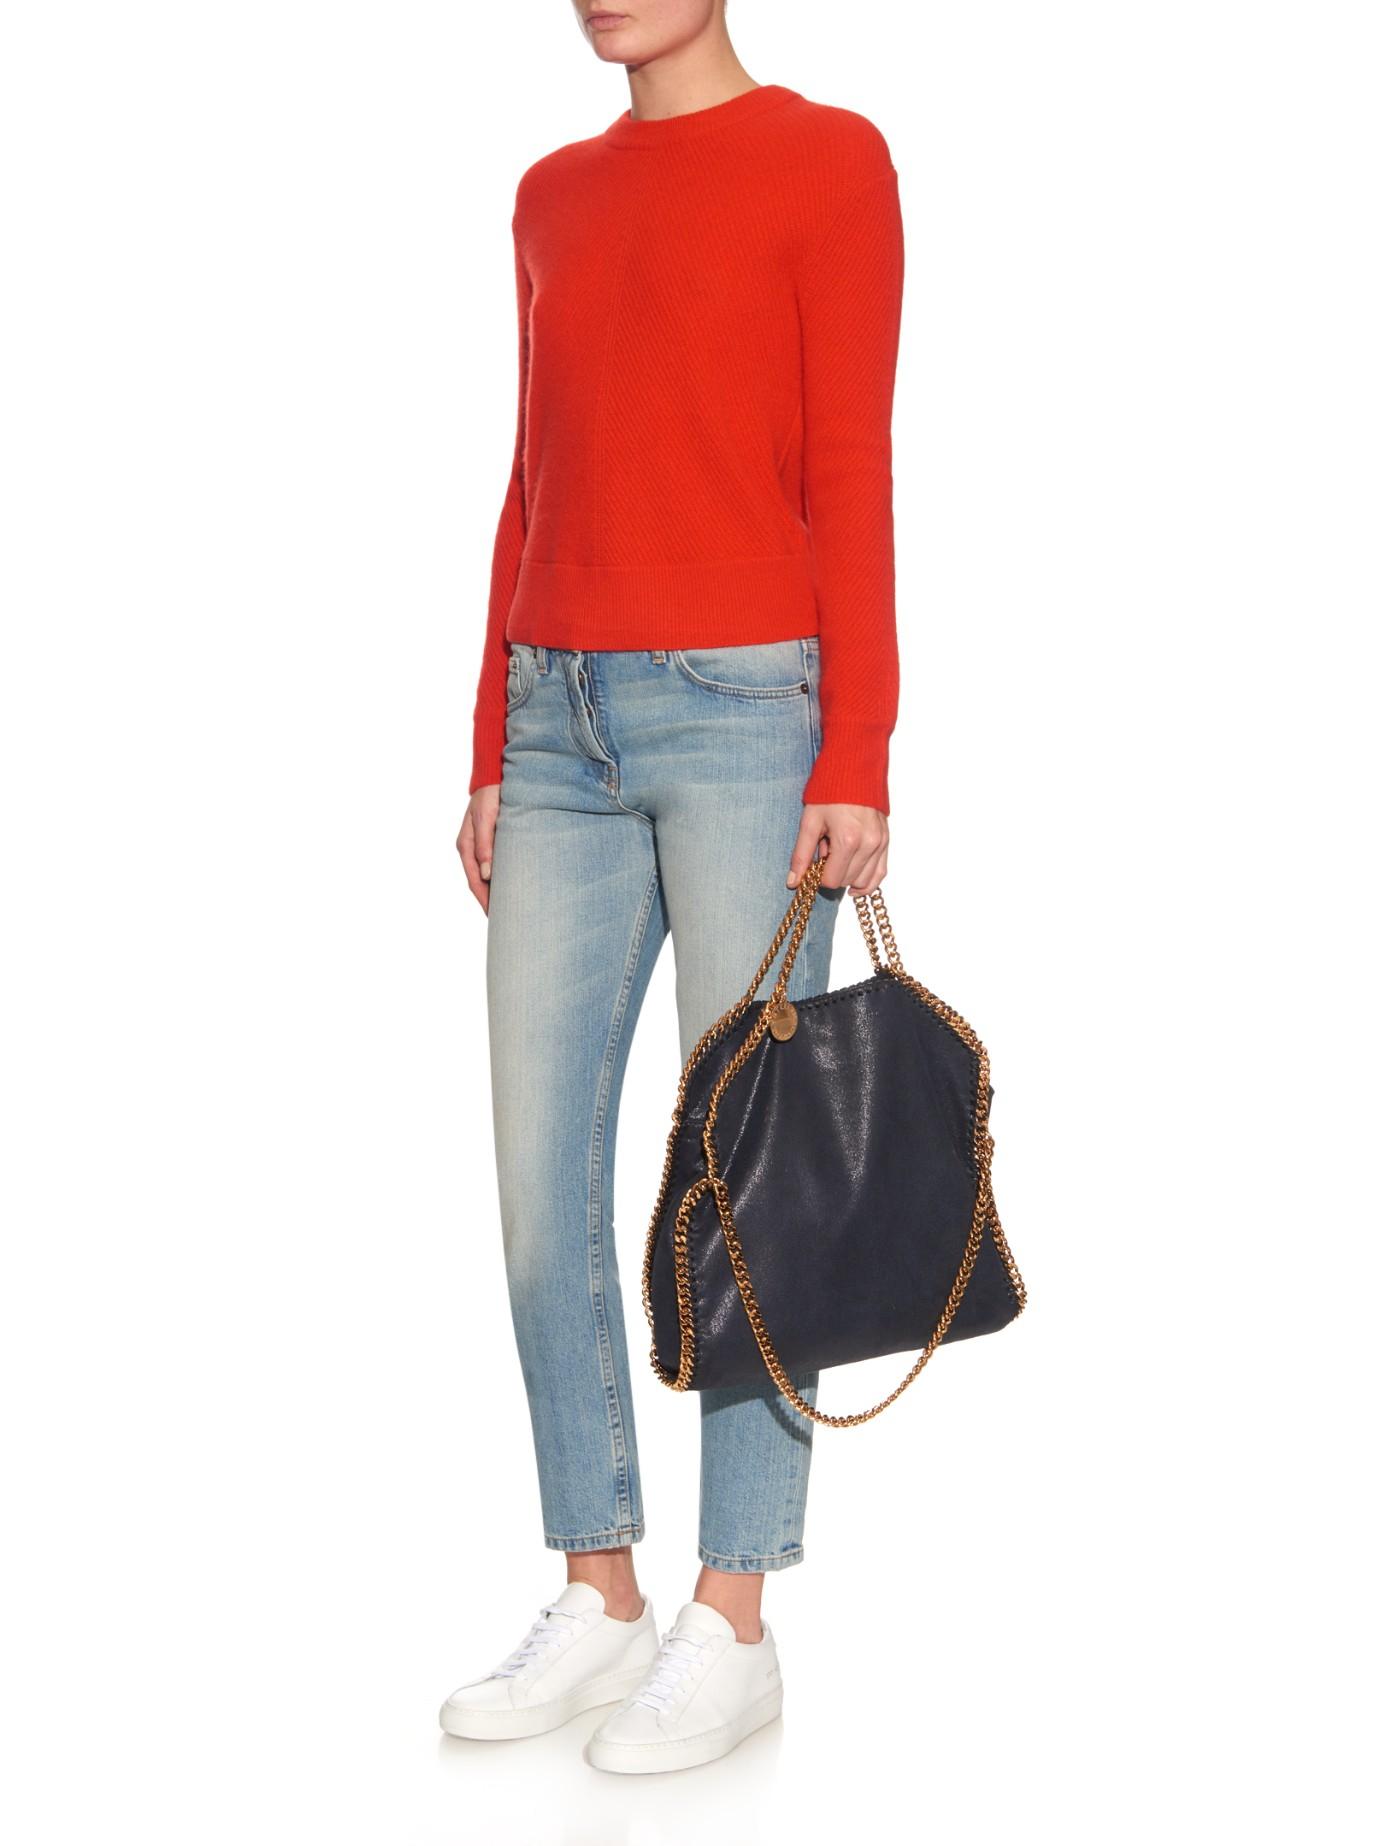 Stella Mccartney Mini-sac À Bandoulière Falabella Style De Mode De Prix Pas Cher Espace Large Gamme De laLm0L8v